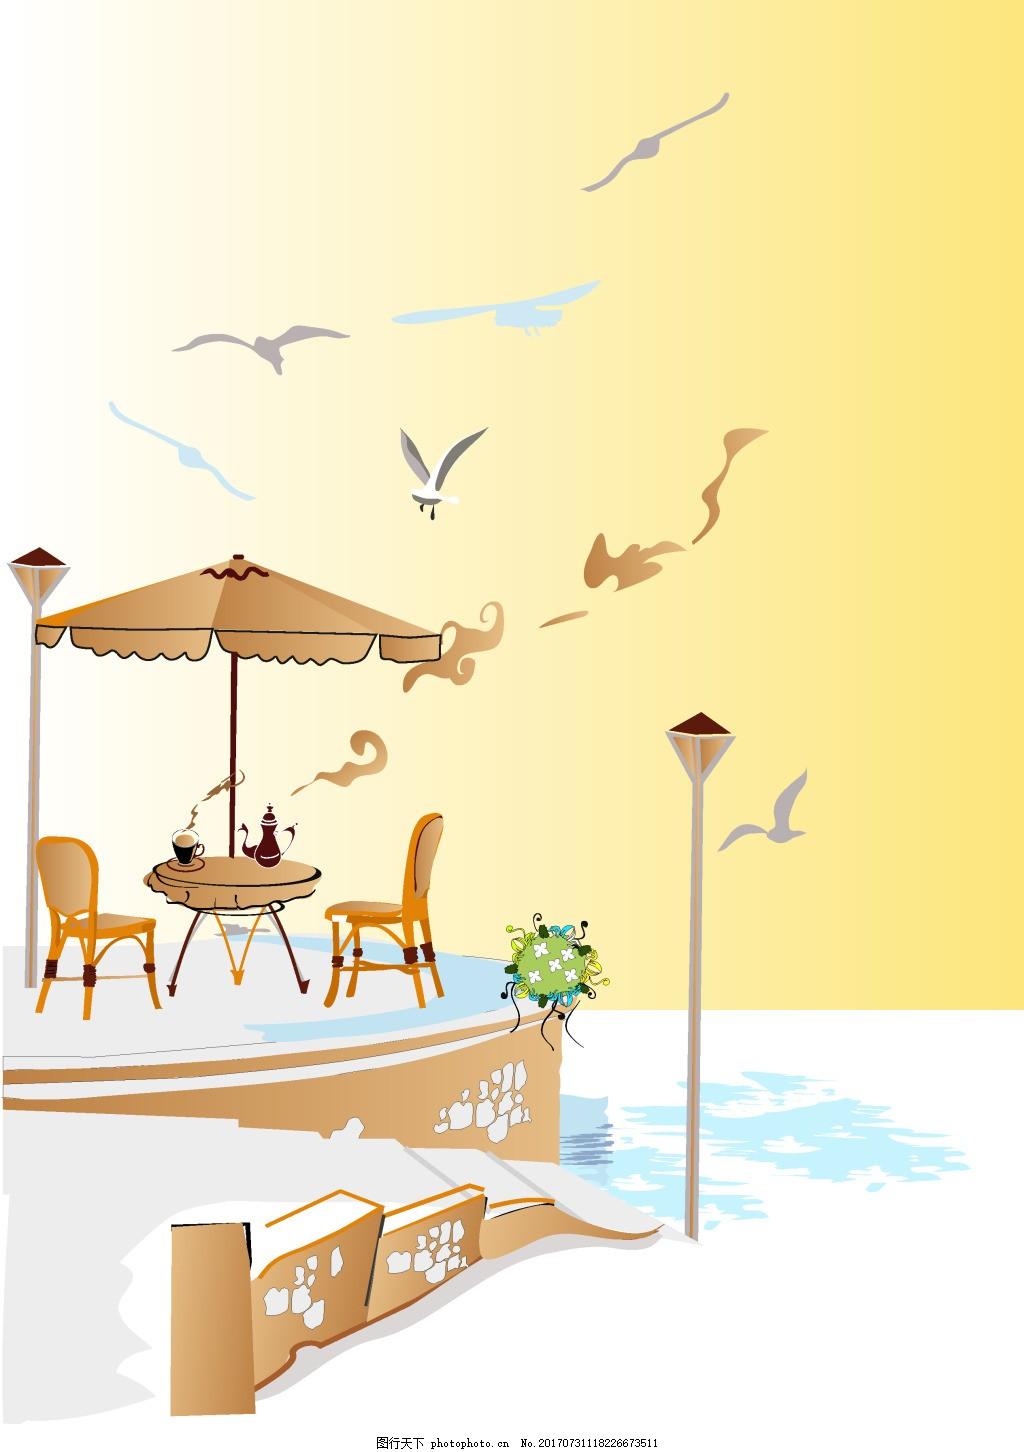 大海海鸥休闲下午茶背景